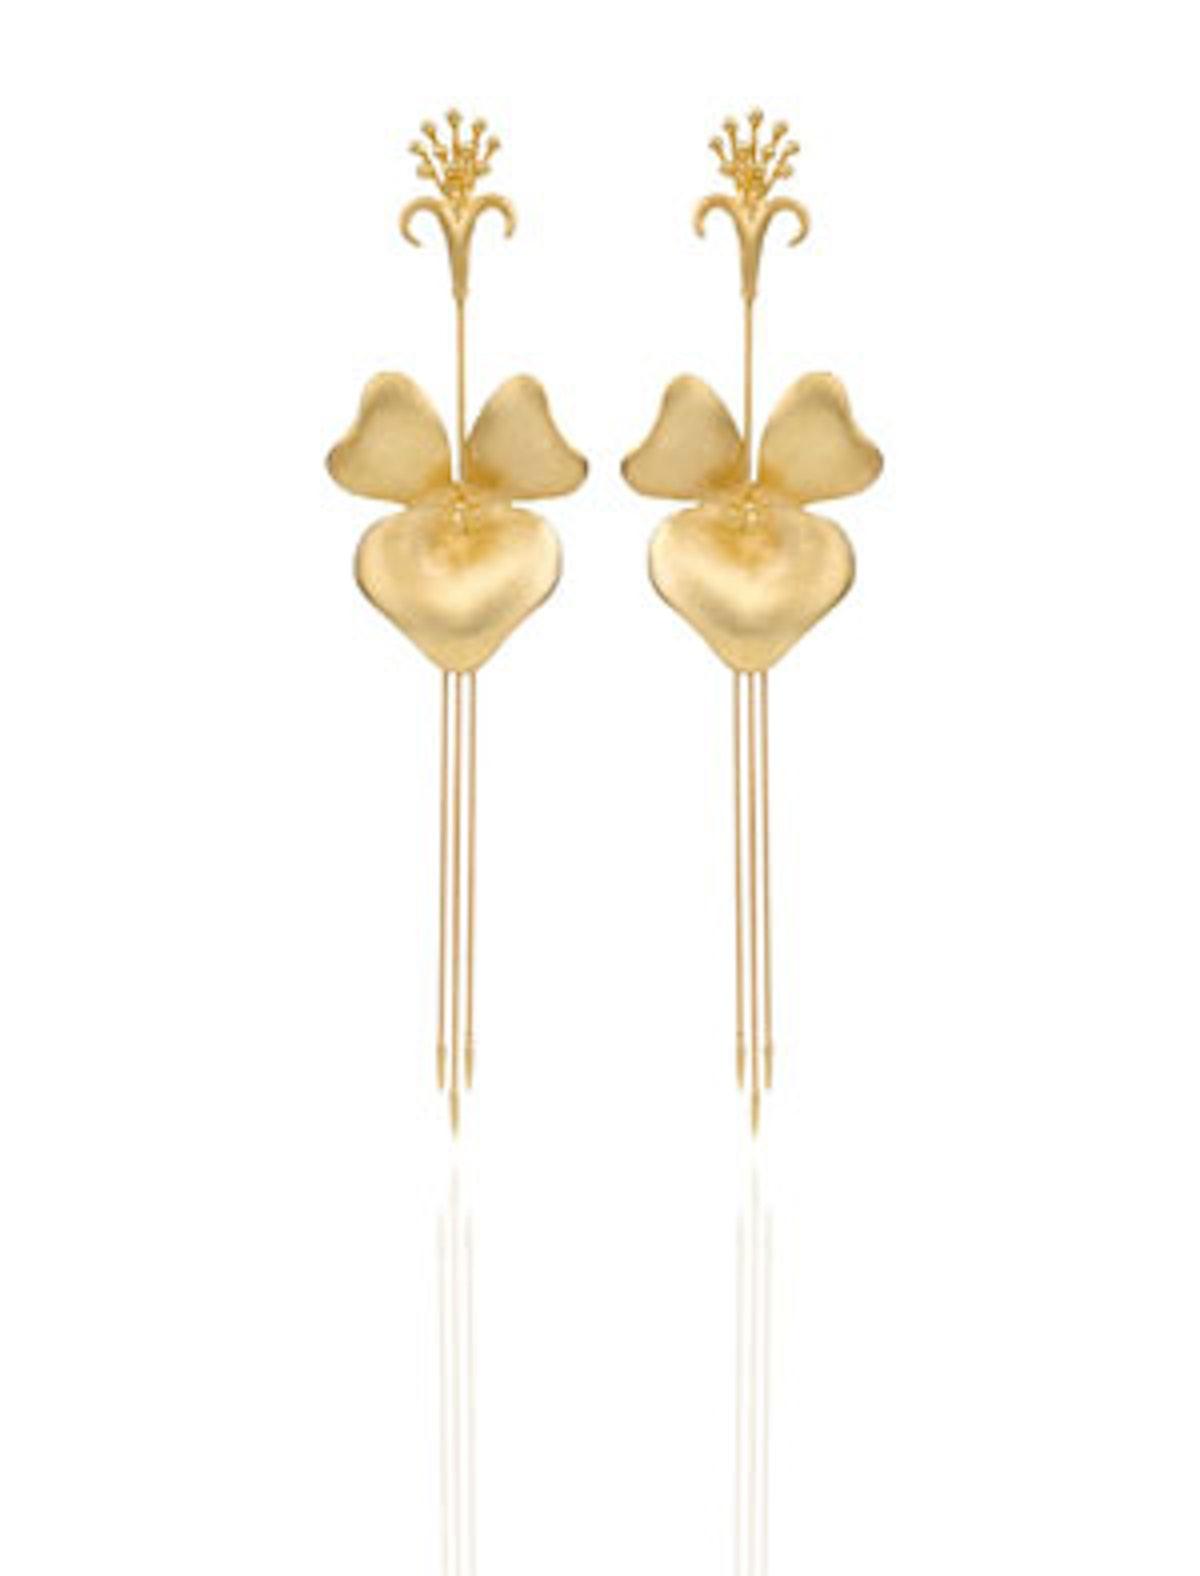 acss_earrings_03_v.jpg